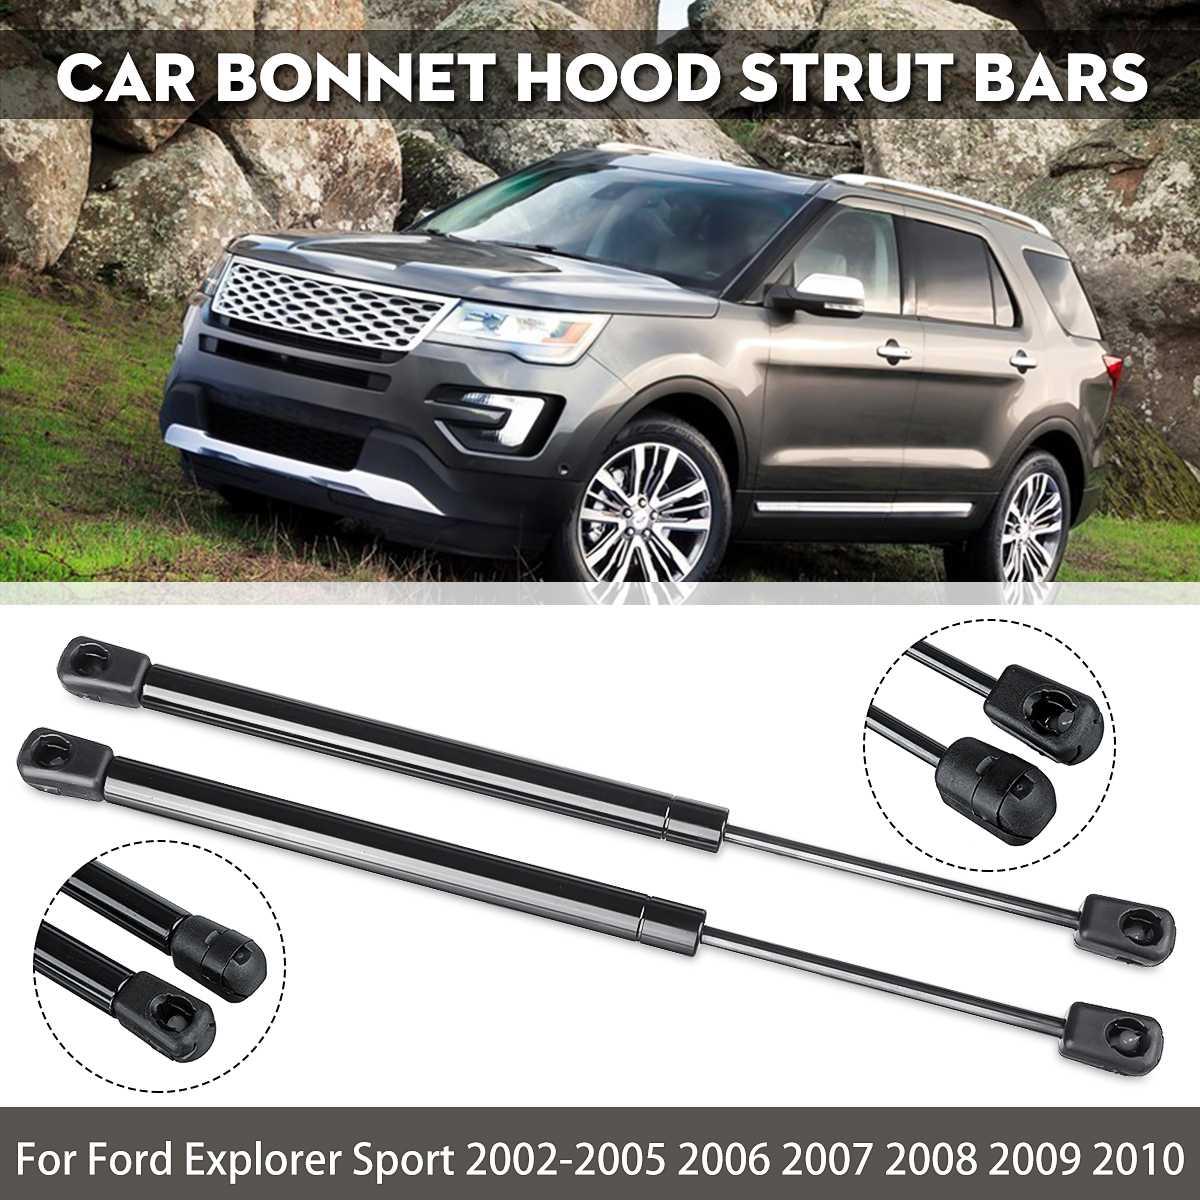 2X Front Engine Cover Bonnet Hood Shock Lift Strut Struts Bar Support Rod Arm Gas Spring Bracket For Ford Explorer Sport Utility